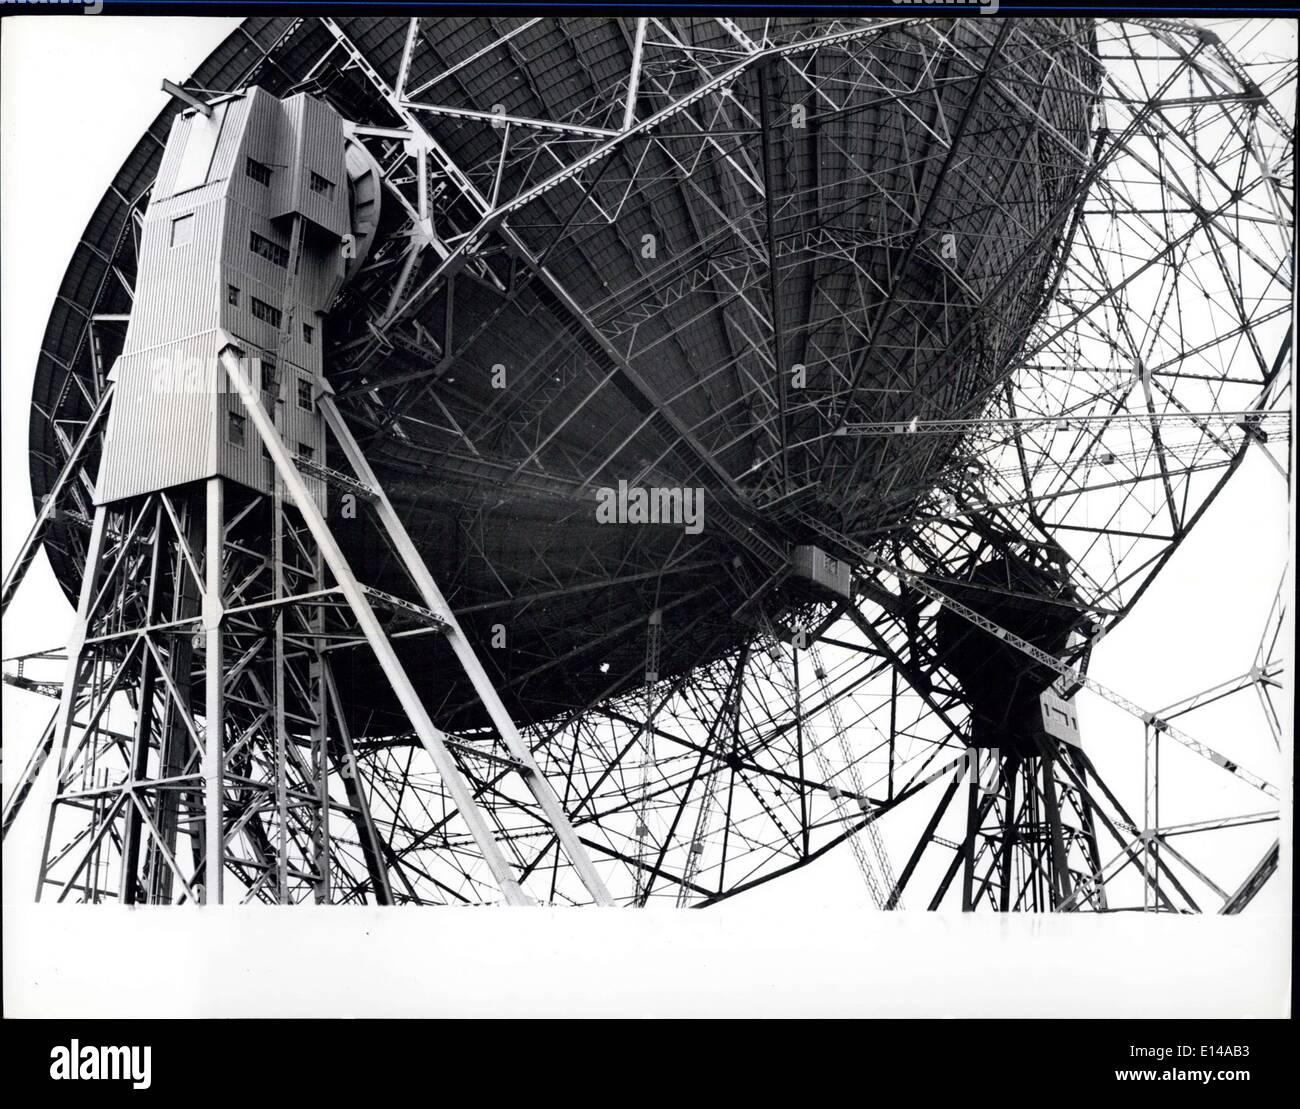 Astronomy History Stock Photos & Astronomy History Stock ...